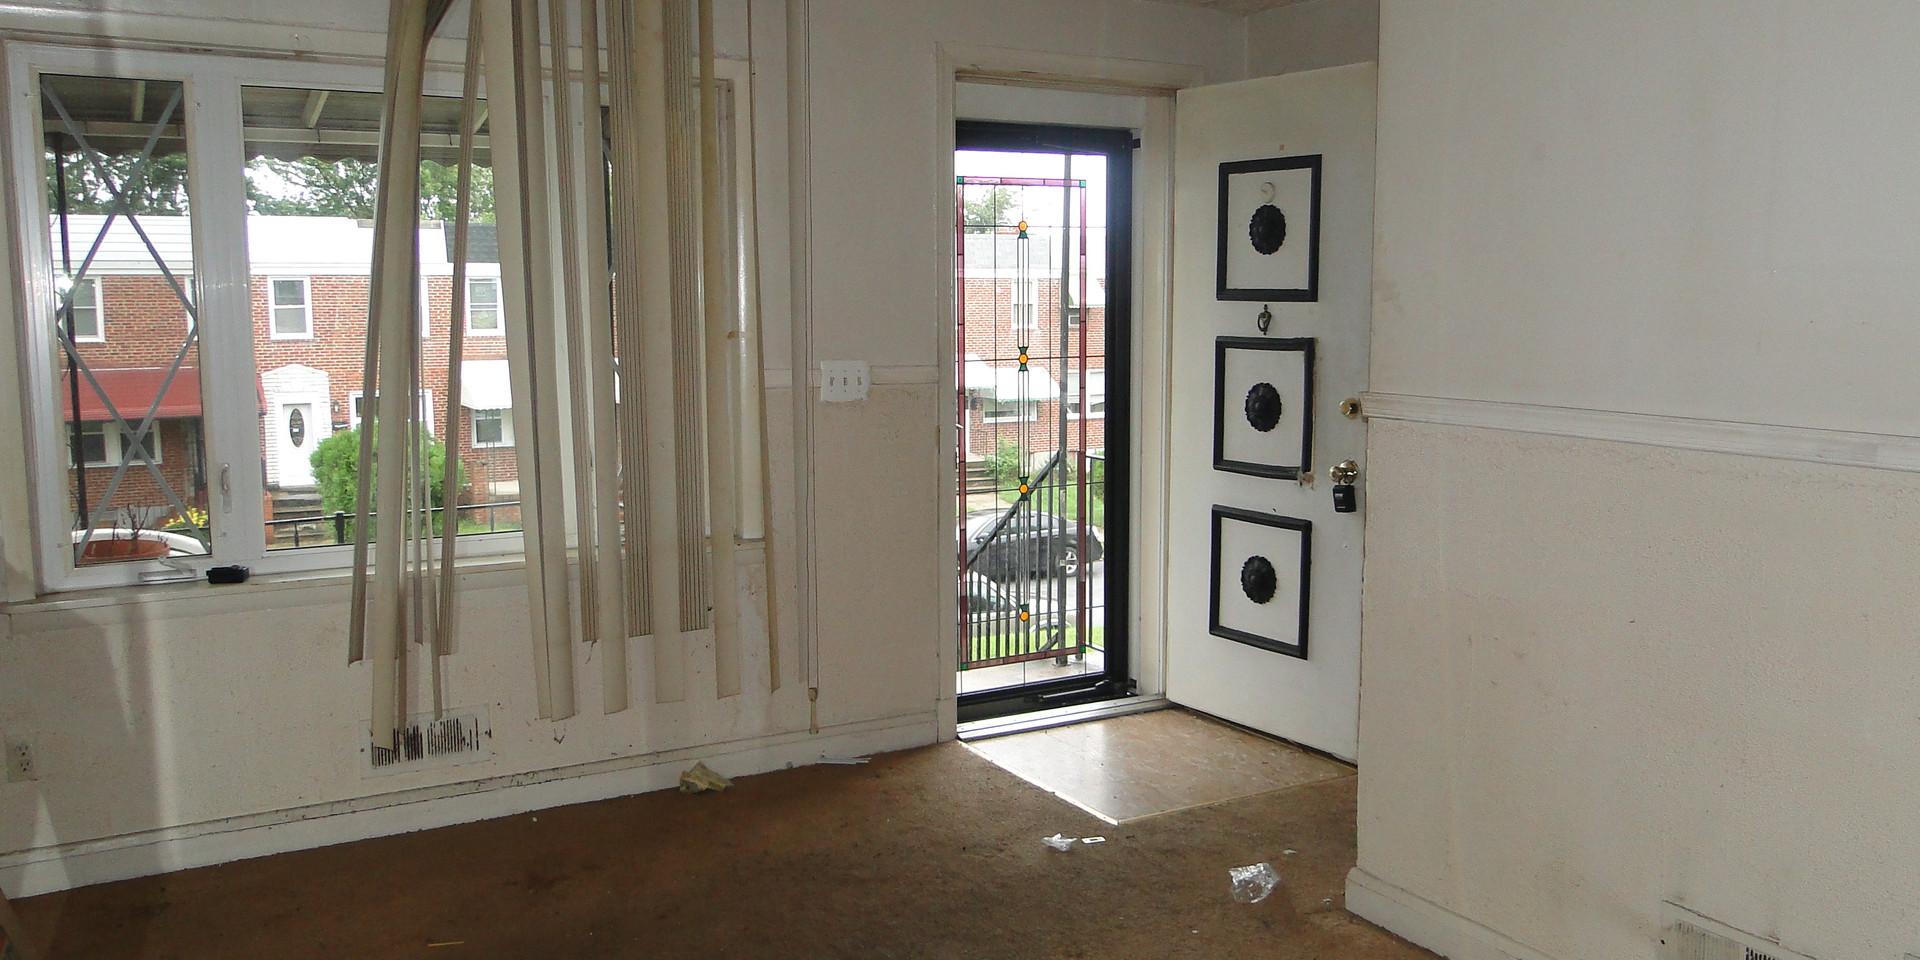 04 - Living Room 4.JPG